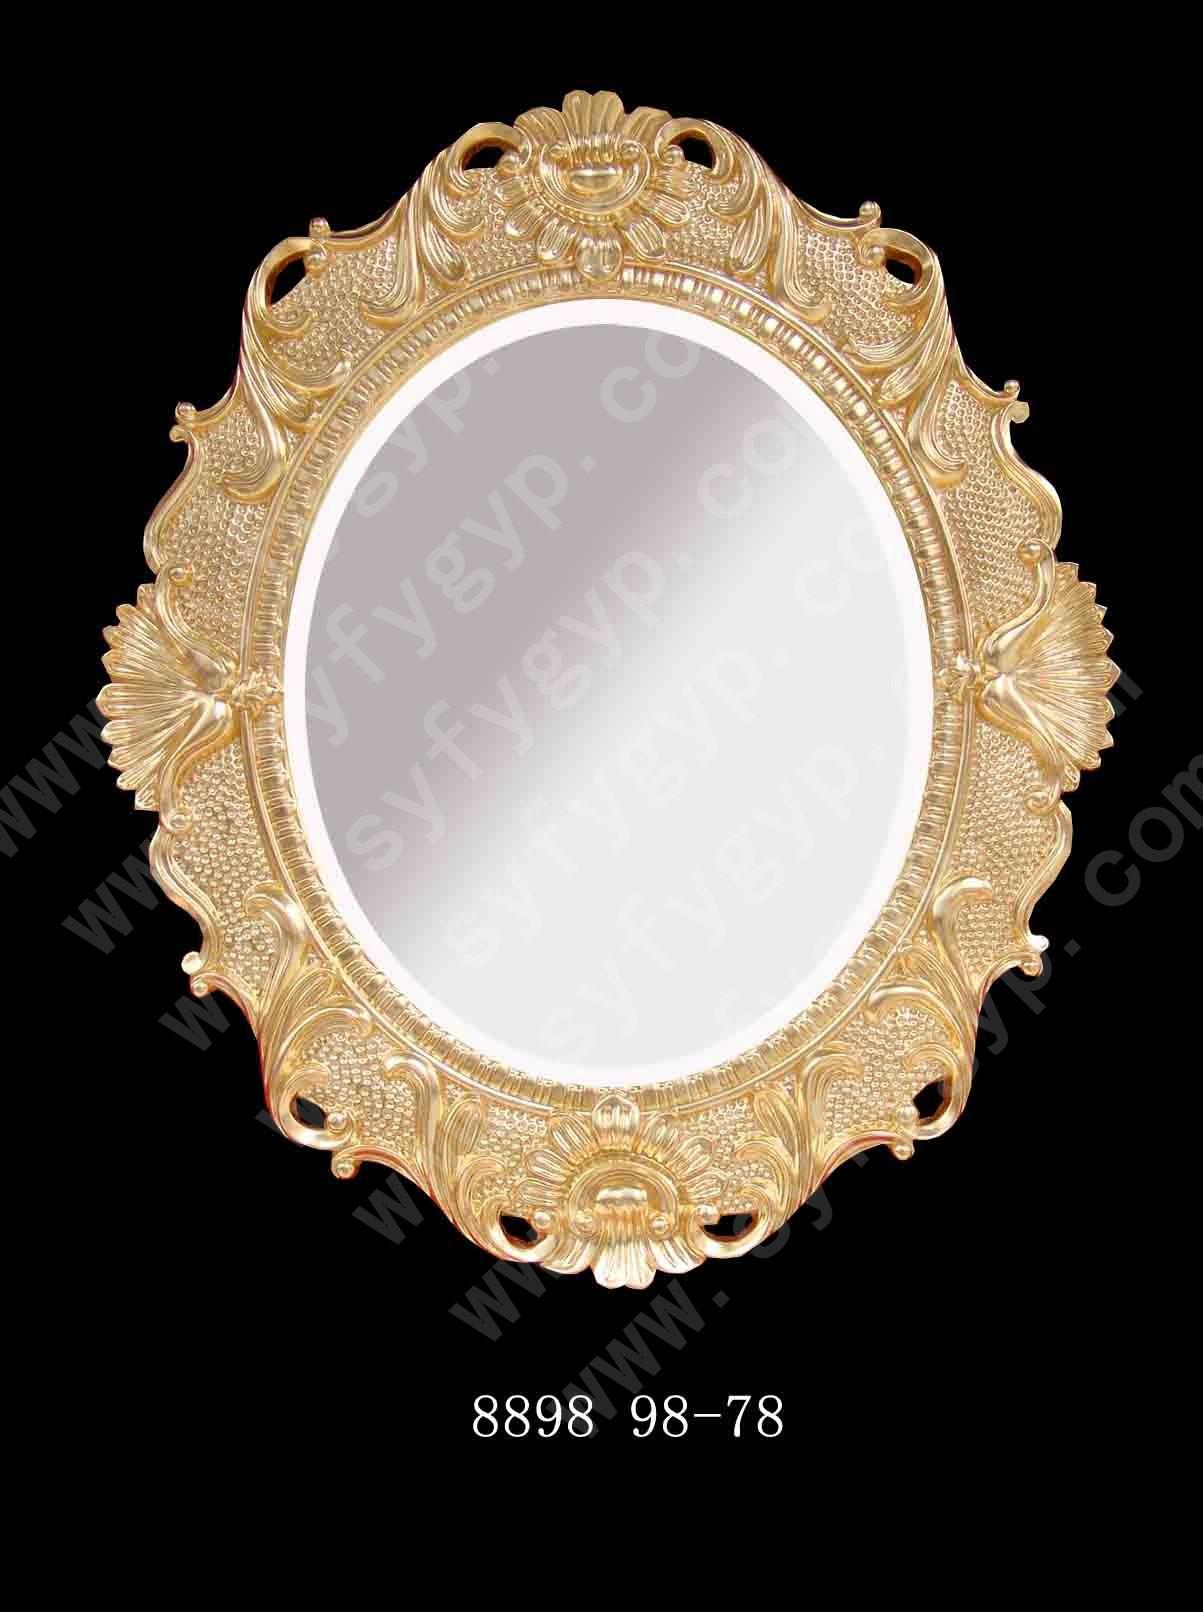 沈阳pu镜子价格沈阳镜子批发采购厂家